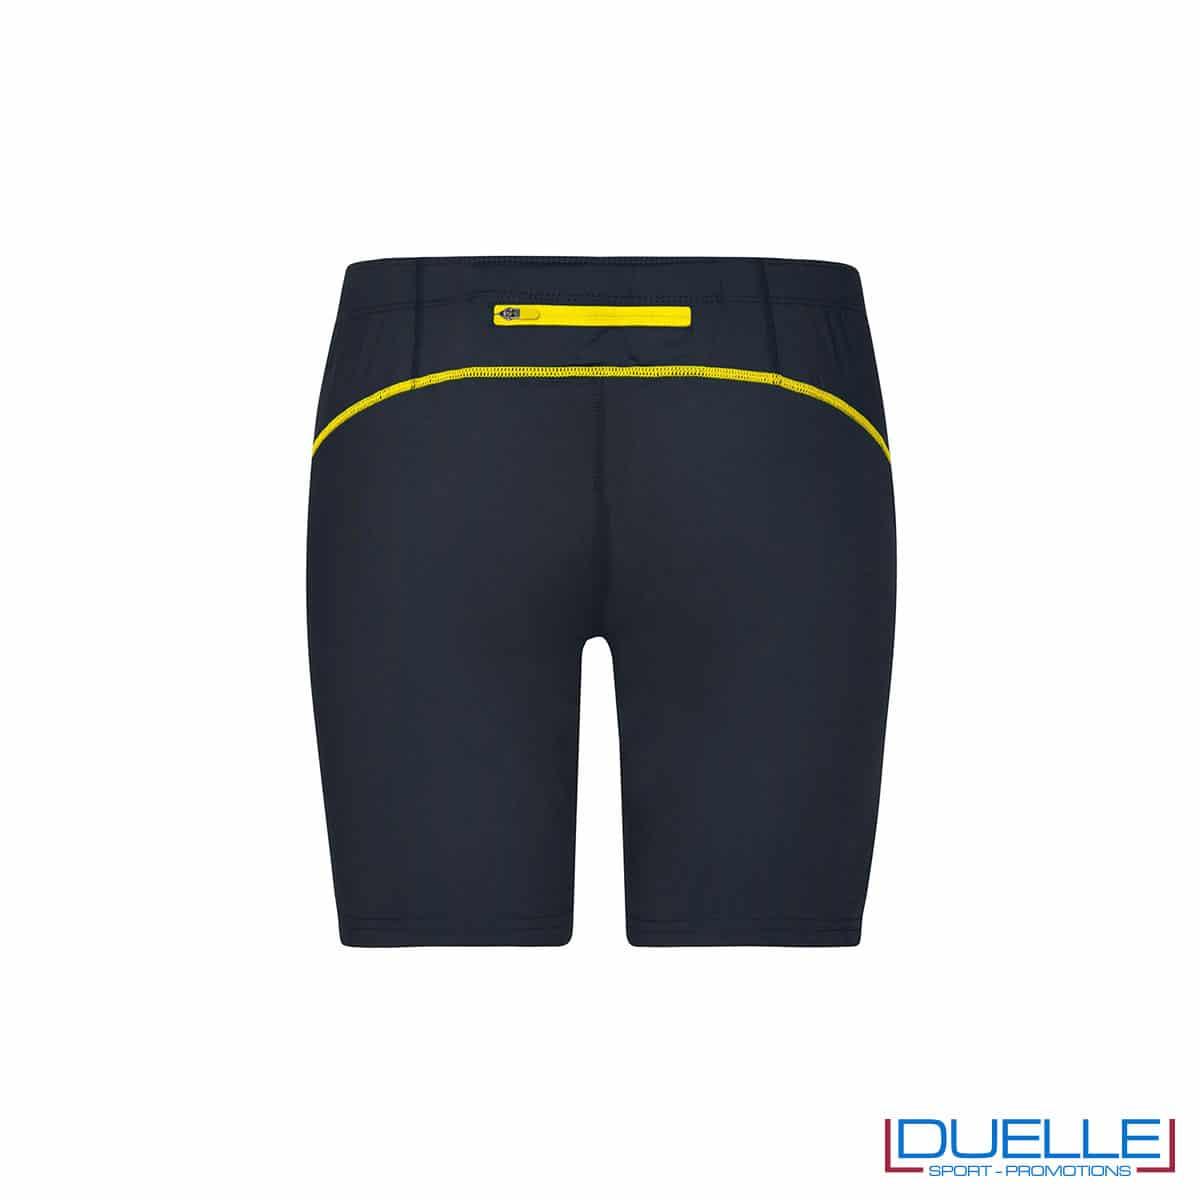 Retro pantaloncini running donna personalizzati colore antracite/giallo